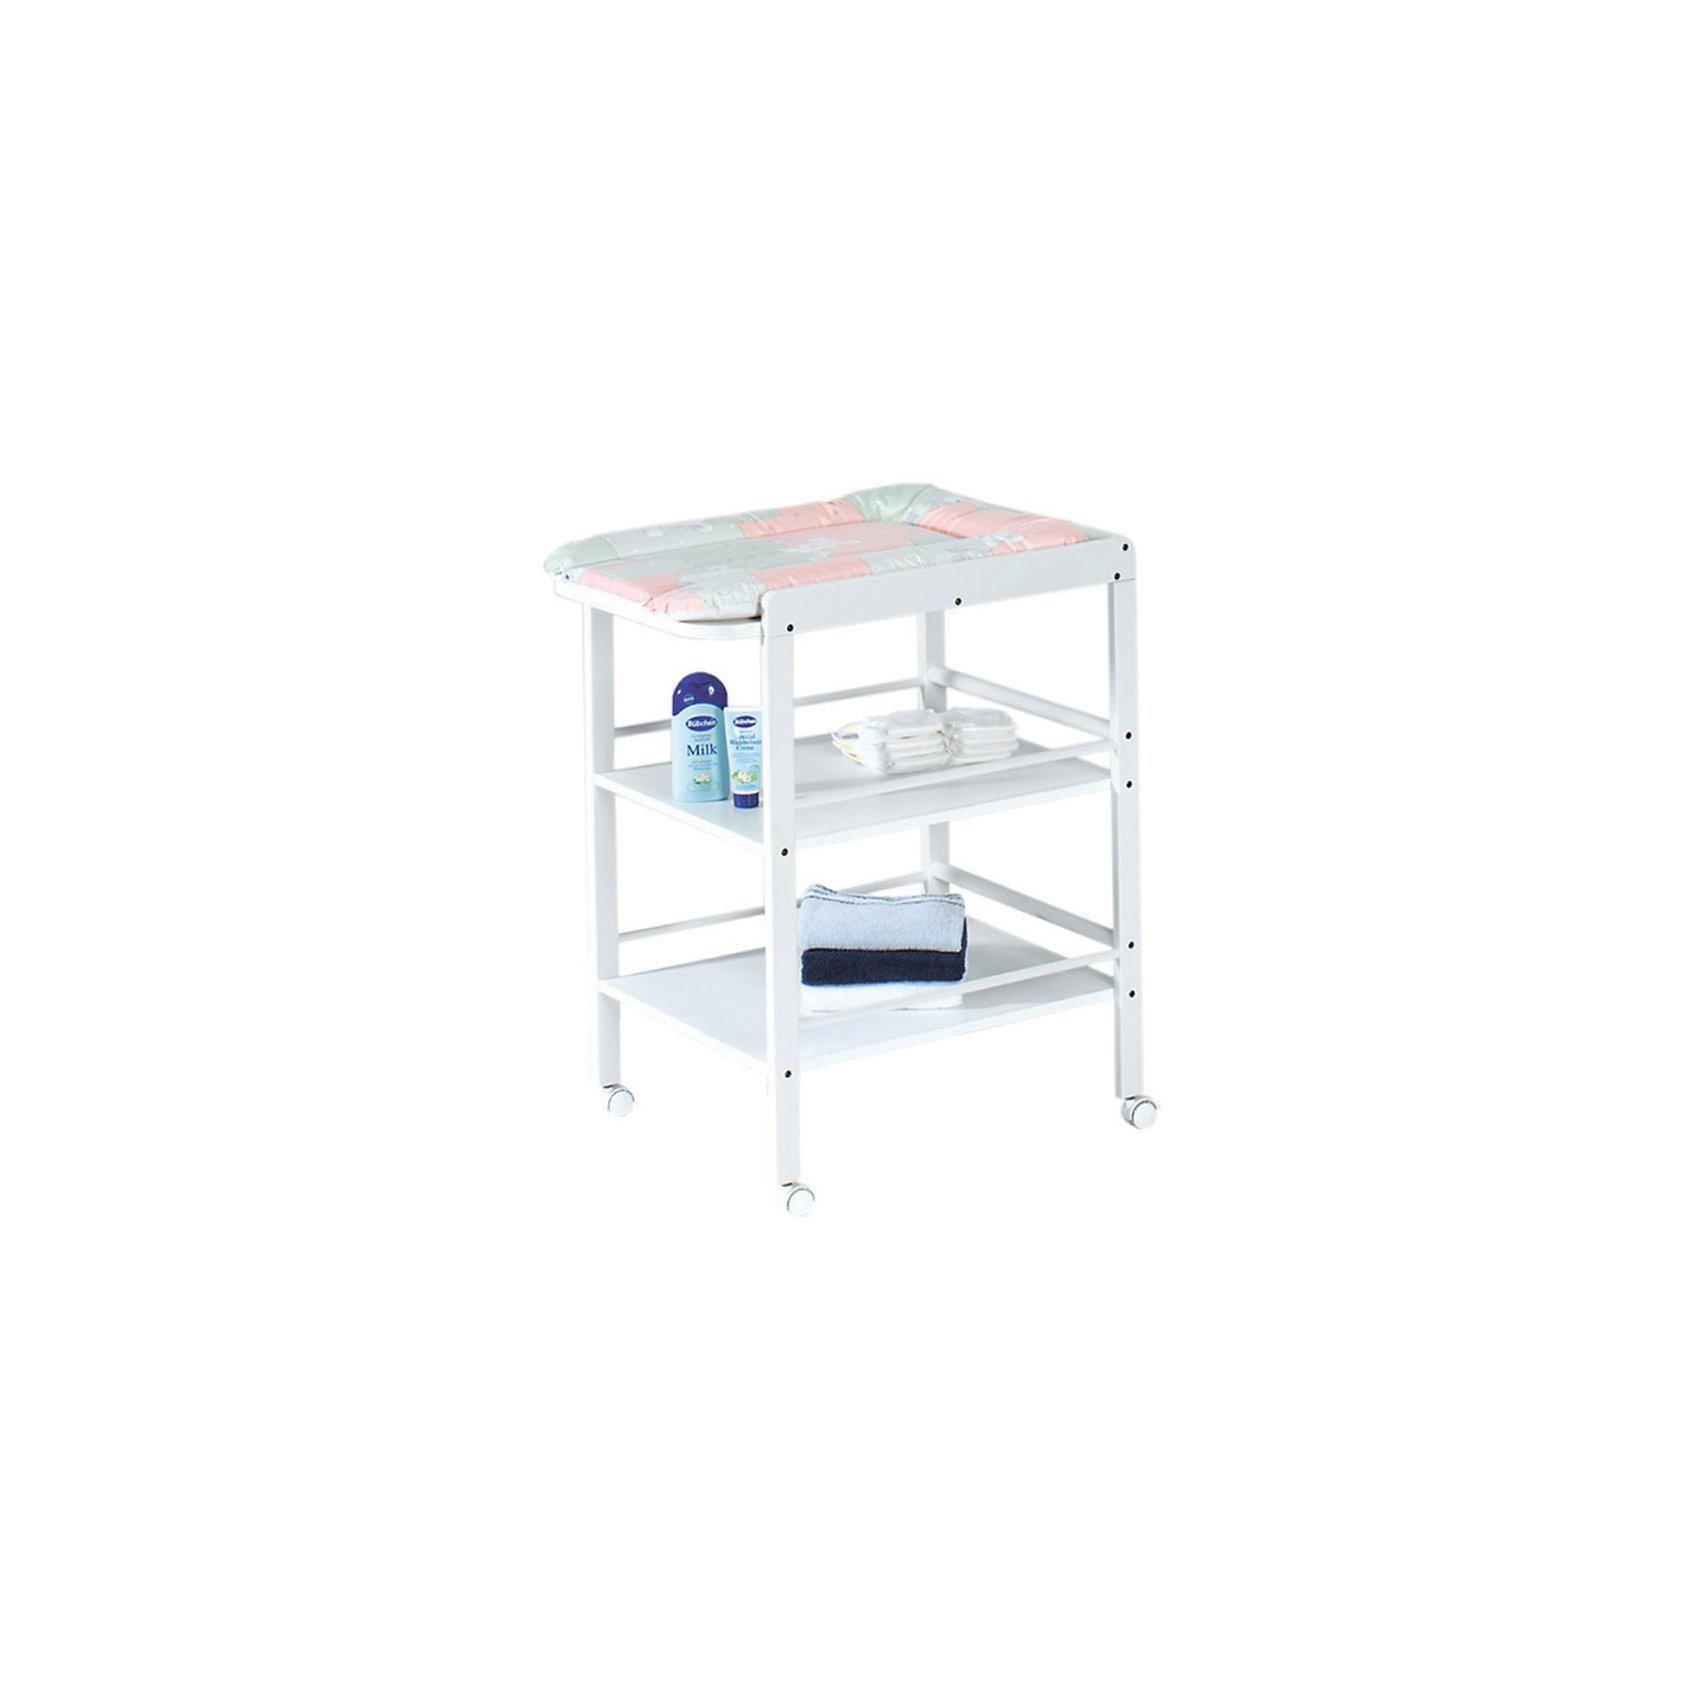 Пеленальный столик CLARISSA, Geuther, белыйВсе для пеленания<br>Стол для пеленания CLARISSA, Geuther (Гётер), белый.<br><br>Характеристики:<br><br>• имеет две вместительные полки с трехсторонними бортами<br>• удобное место для пеленания<br>• оснащен поворотными колесами с фиксаторами<br>• изготовлен из дерева<br>• материал: массив бука<br>• размеры: 56х90,5х74,5 см<br>• ширина пеленального места: 56 см<br>• рабочая высота: 86 см<br>• цвет: белый<br><br>ВНИМАНИЕ! Мягкий пеленальный матрасик в комлект не входит и пиробретается отдельно.<br><br>Стол для пеленания CLARISSA, Geuther имеет большую ширину пеленального места и отлично подойдет для переодевания малыша, гигиенических процедур и массажа. Стол оснащен двумя вместительными полками с бортиками, предотвращающими падение вещей. На полки удобно положить одежду, подгузники, салфетки и другие предметы, необходимые для гигиенических процедур. Ухаживать за малышом на таком чудесном столике будет очень удобно и приятно!<br><br>Купить стол для пеленания CLARISSA, Geuther (Гётер), белый вы можете в нашем интернет-магазине.<br><br>Ширина мм: 750<br>Глубина мм: 400<br>Высота мм: 950<br>Вес г: 17000<br>Возраст от месяцев: 0<br>Возраст до месяцев: 12<br>Пол: Унисекс<br>Возраст: Детский<br>SKU: 5089896